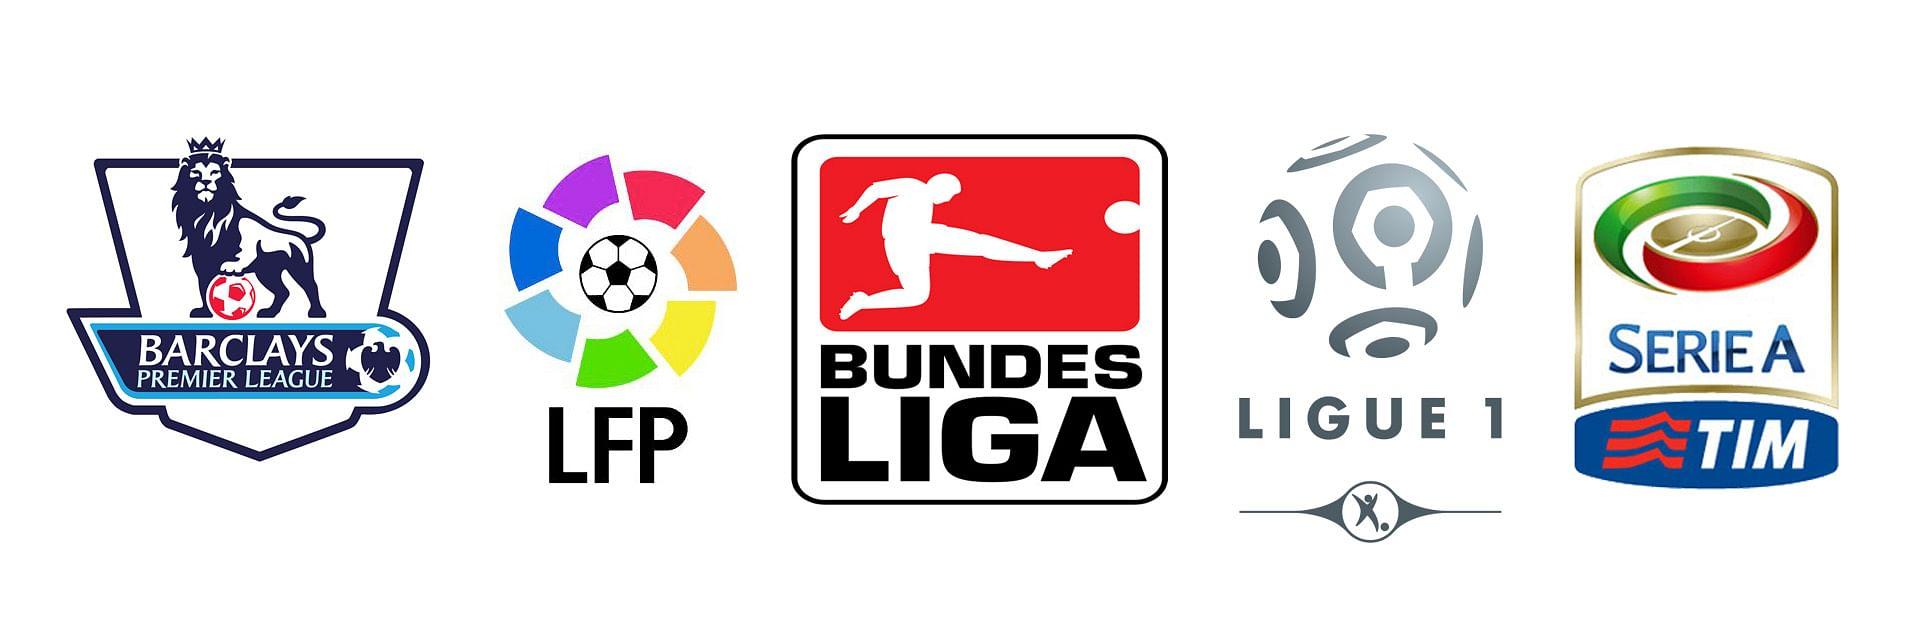 Leagues Online Match Cihanuniit